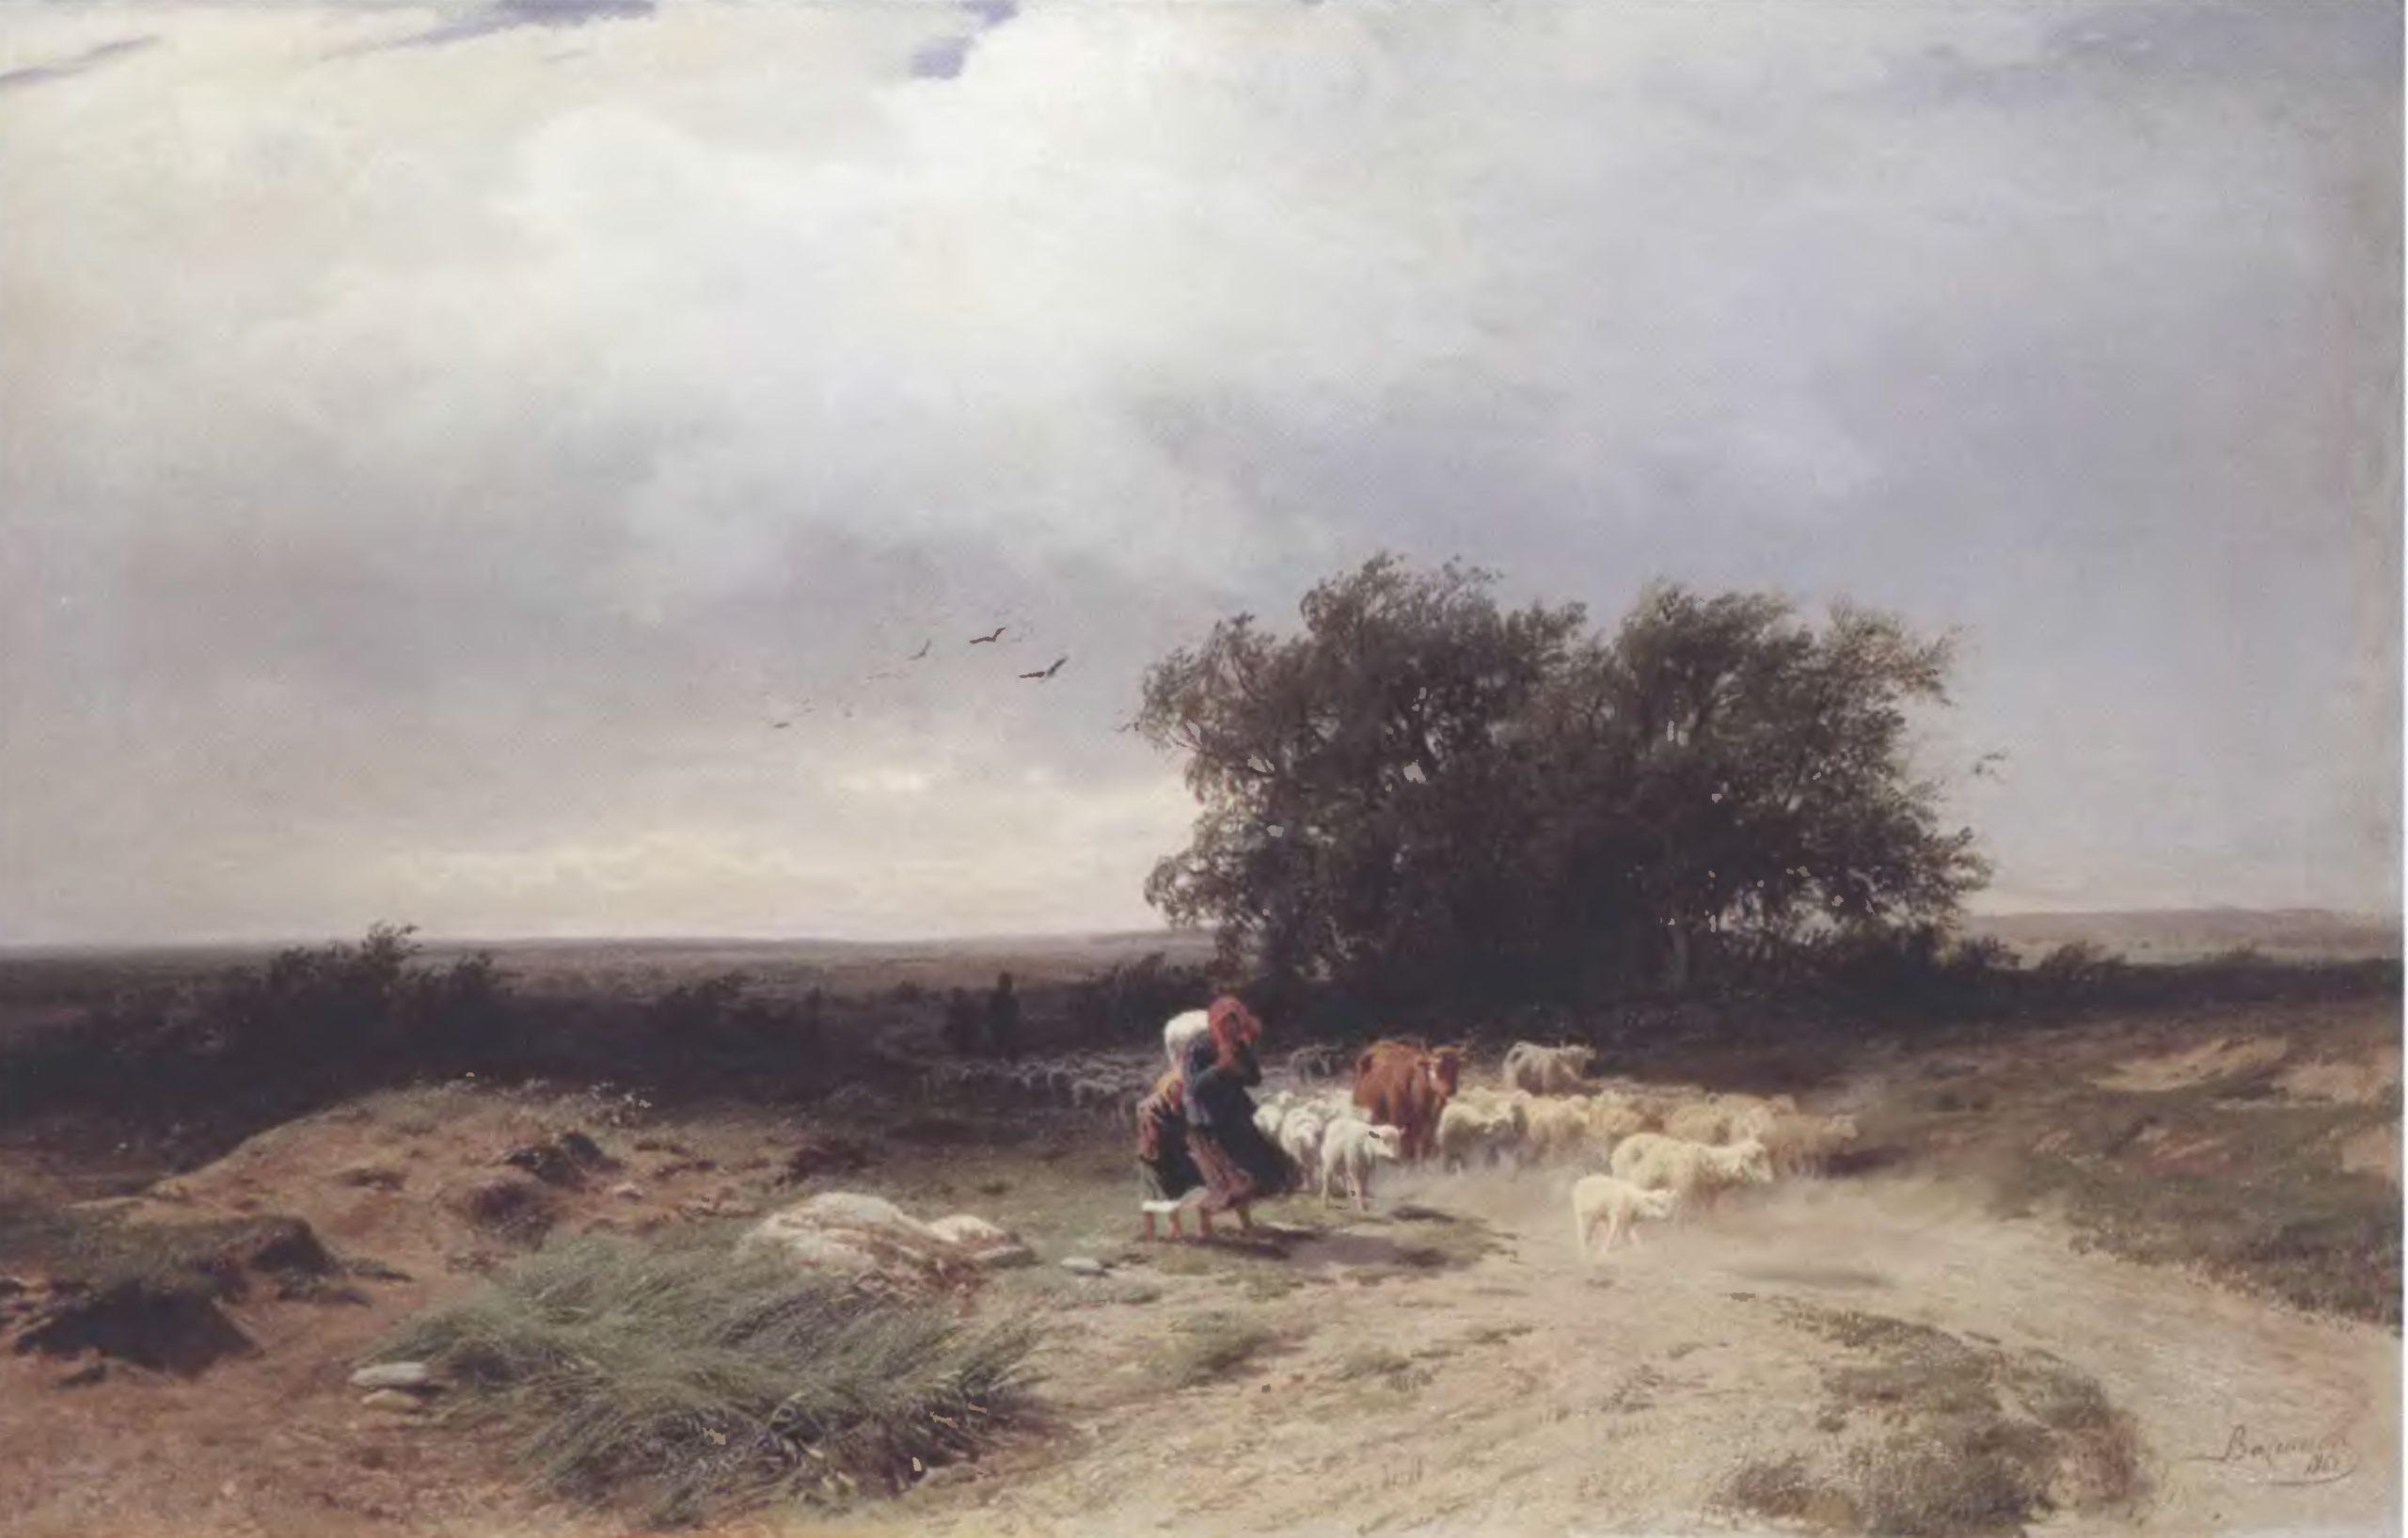 ФЕДОР ВАСИЛЬЕВ. Возвращение стада. 1868. Холст, масло. 60 х 96 см. Государственная Третьяковская галерея